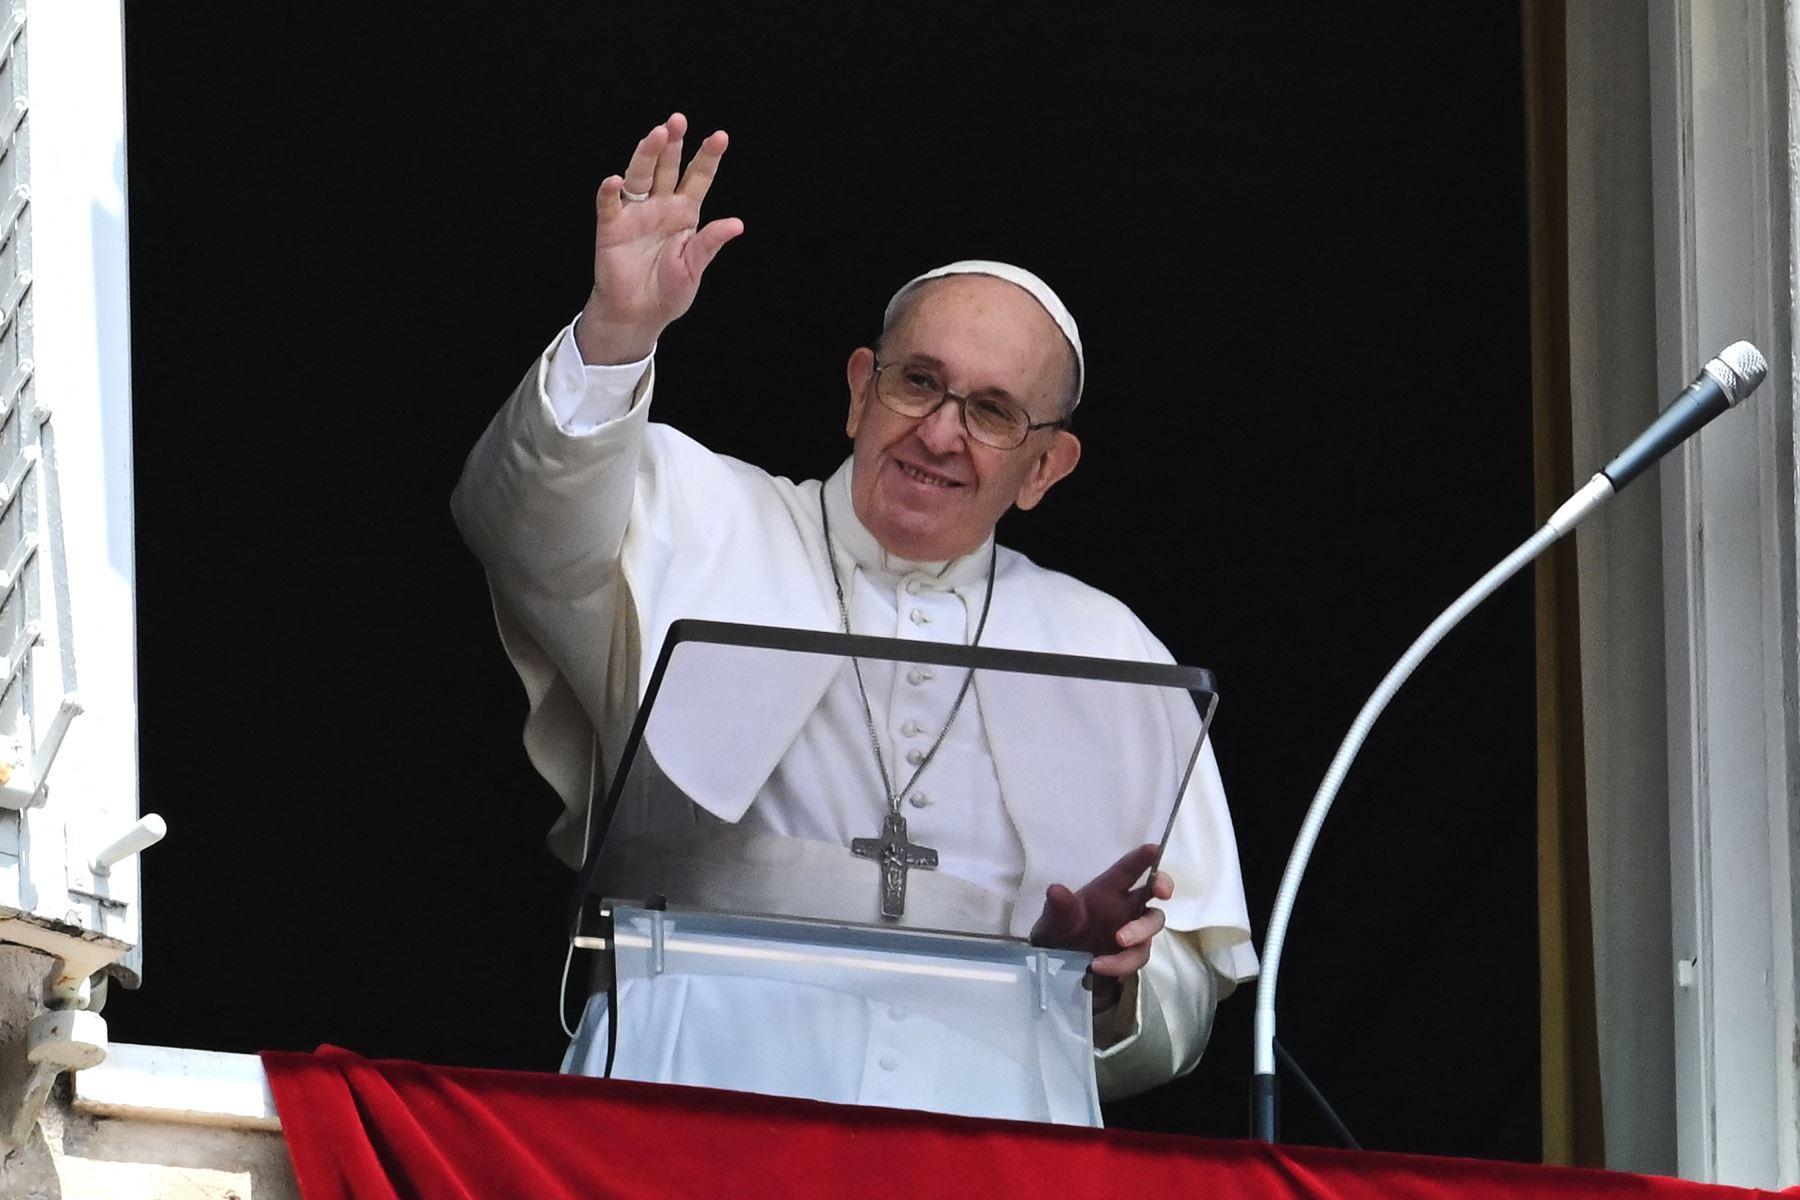 El Papa Francisco pronuncia la oración dominical del Ángelus desde la ventana de su estudio con vista a la Plaza de San Pedro en el Vaticano. Foto: AFP